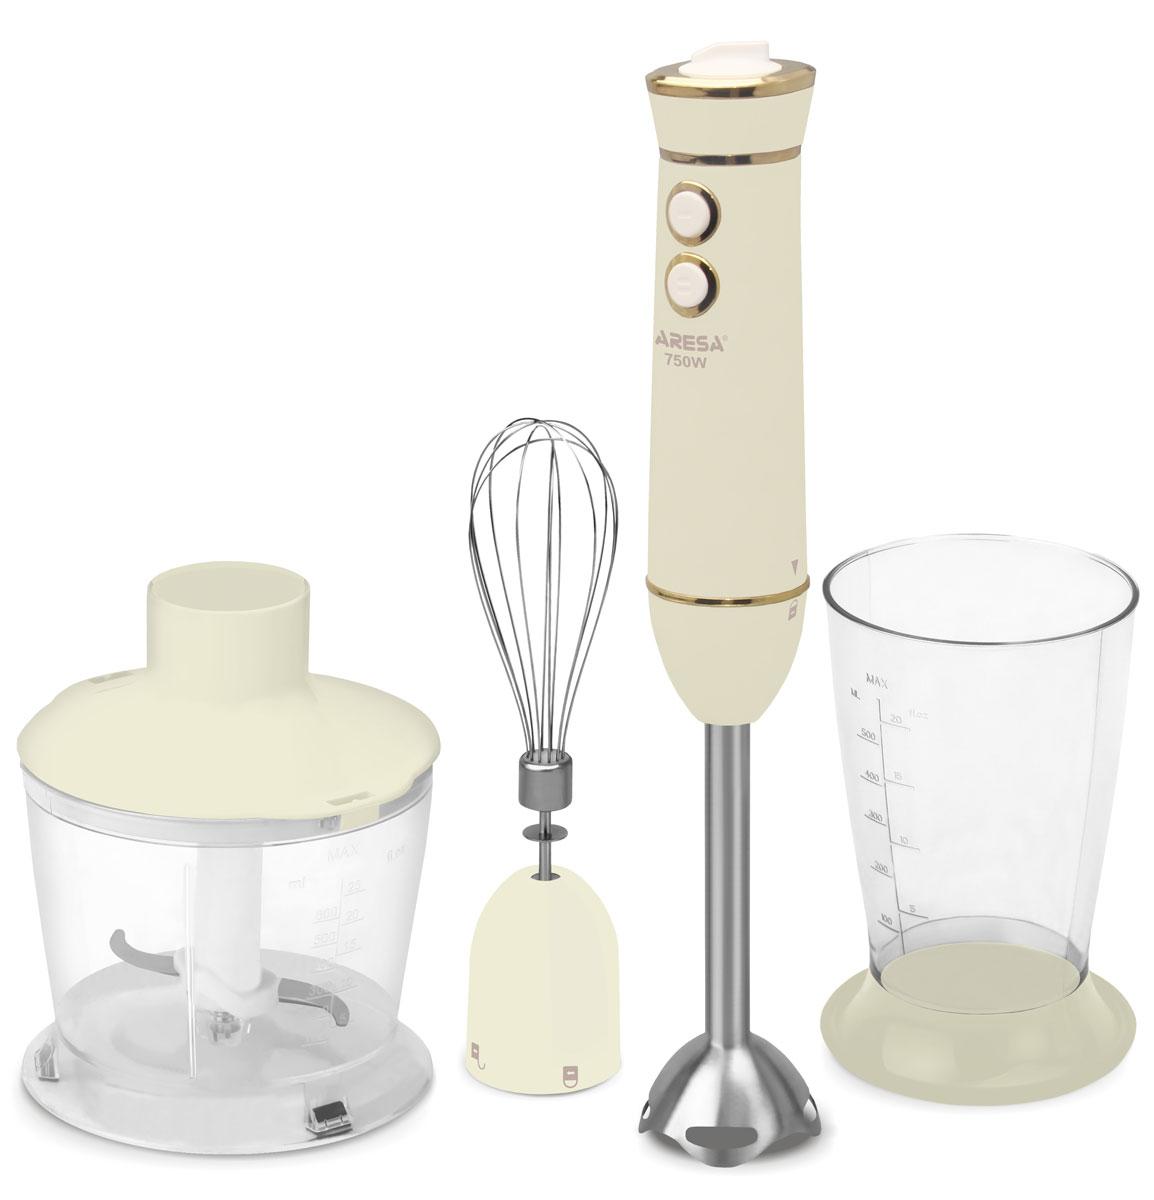 Aresa AR-1110 блендерAR-1110Aresa AR-1110 несомненно станет незаменимым помощником для любой хозяйки. Он идеален для приготовления молочных коктейлей, супов или пюре. Набор содержит погружной измельчитель, стакан объемом 0,5 л, ёмкость с измельчителем объемом 0,6 л и венчик для взбивания. Корпус прибора выполнен из прочного пластика бежевого цвета, а насадки имеют лезвия и ножи, изготовленные из качественного металла. Номинальная мощность блендера 750 Вт. Для удобства в использовании, ёмкости имеют прорезиненные ножки, предотвращающие скольжение.